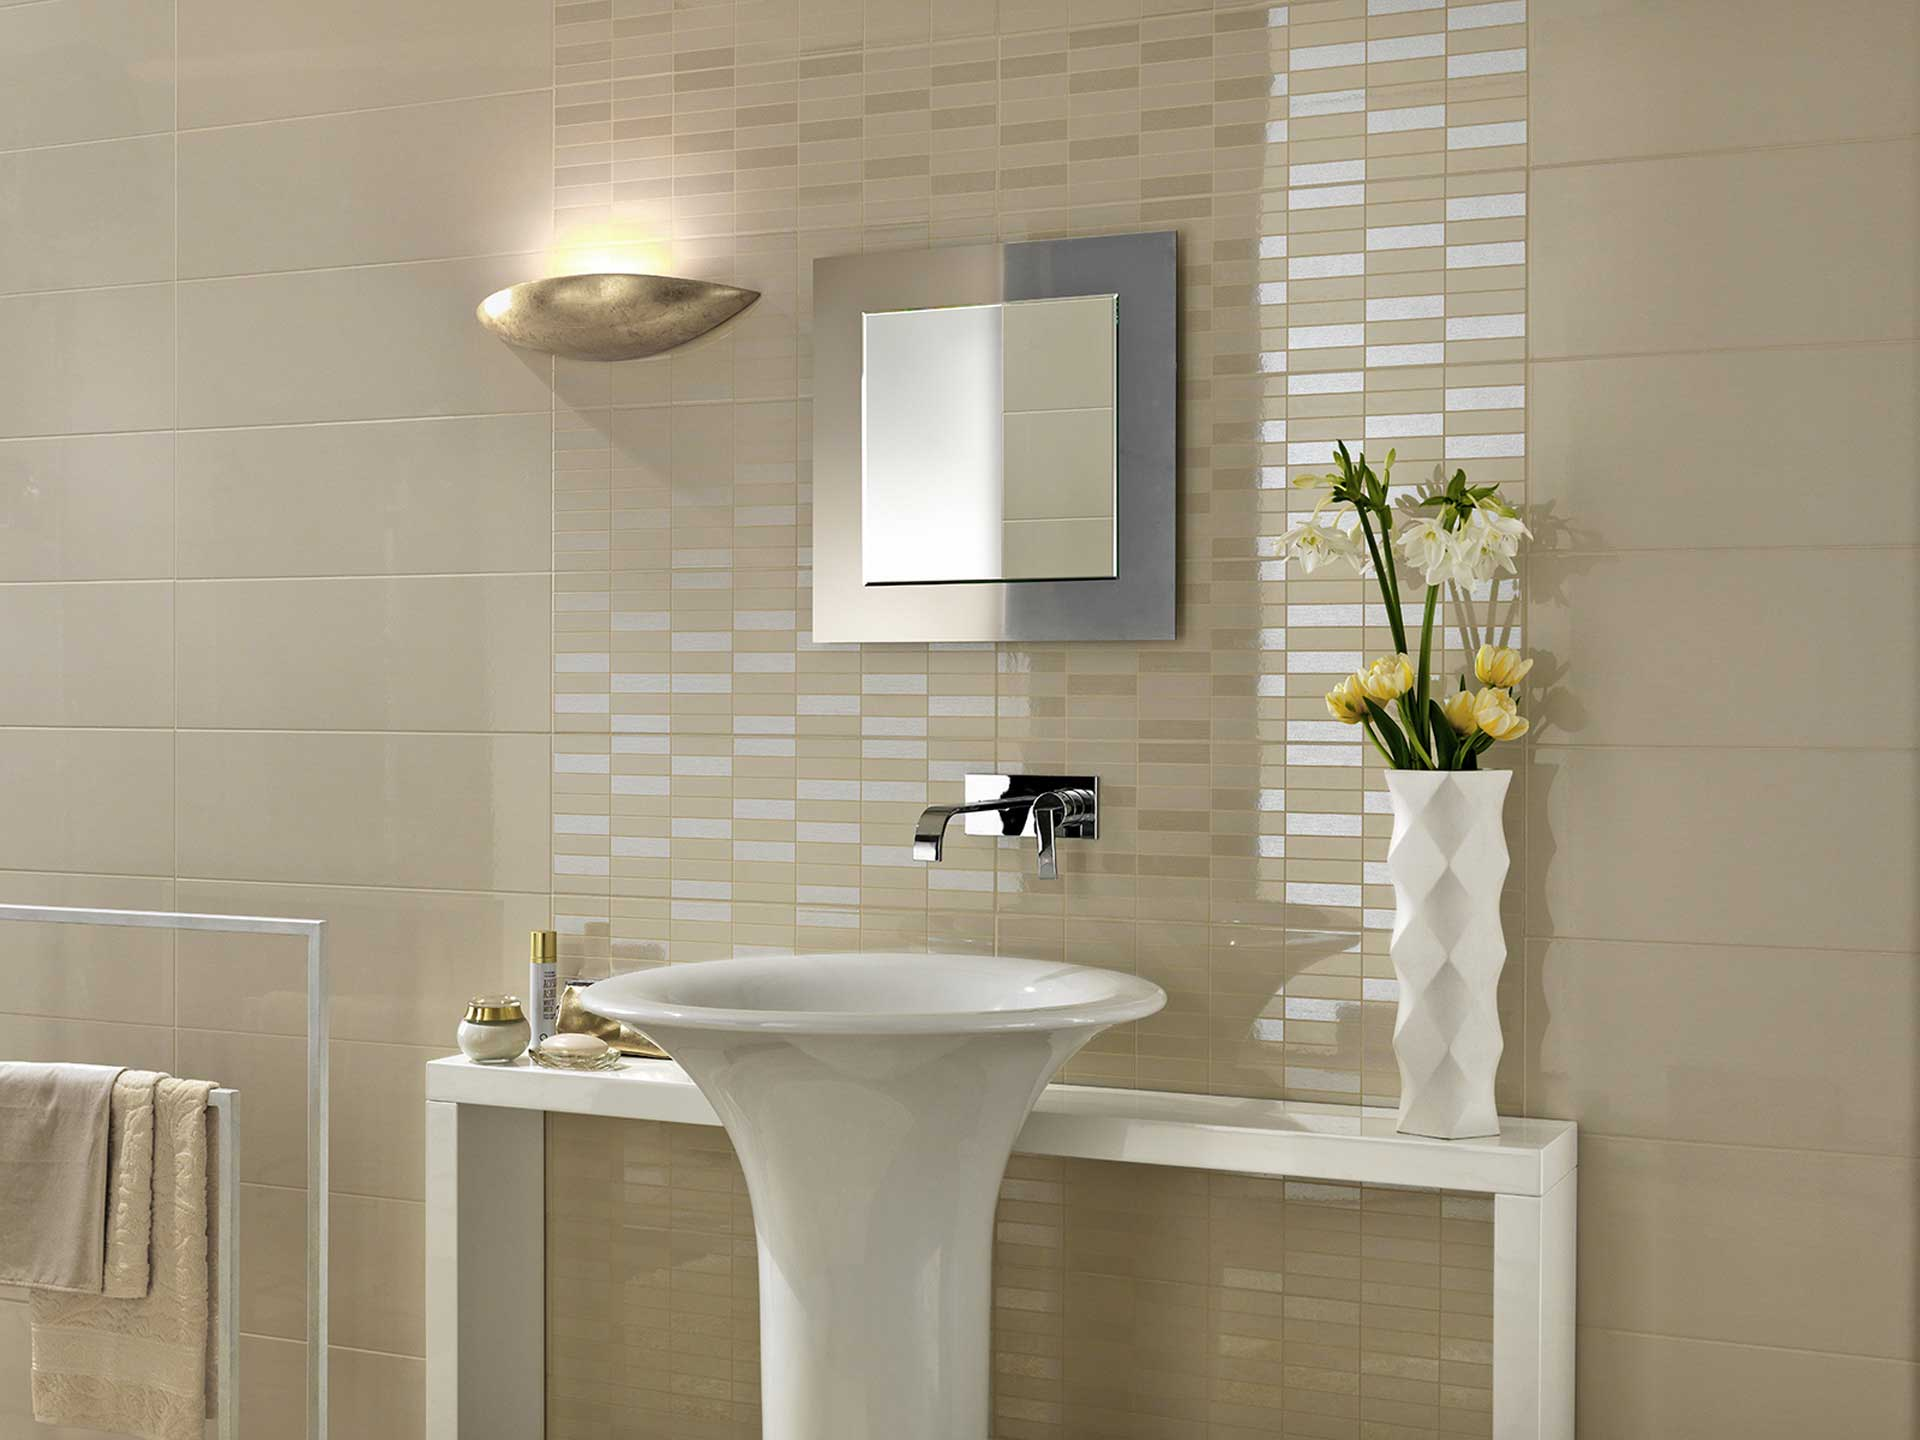 Colourline decori e colori per un rivestimento bagno chic - Ceramiche per bagno marazzi ...